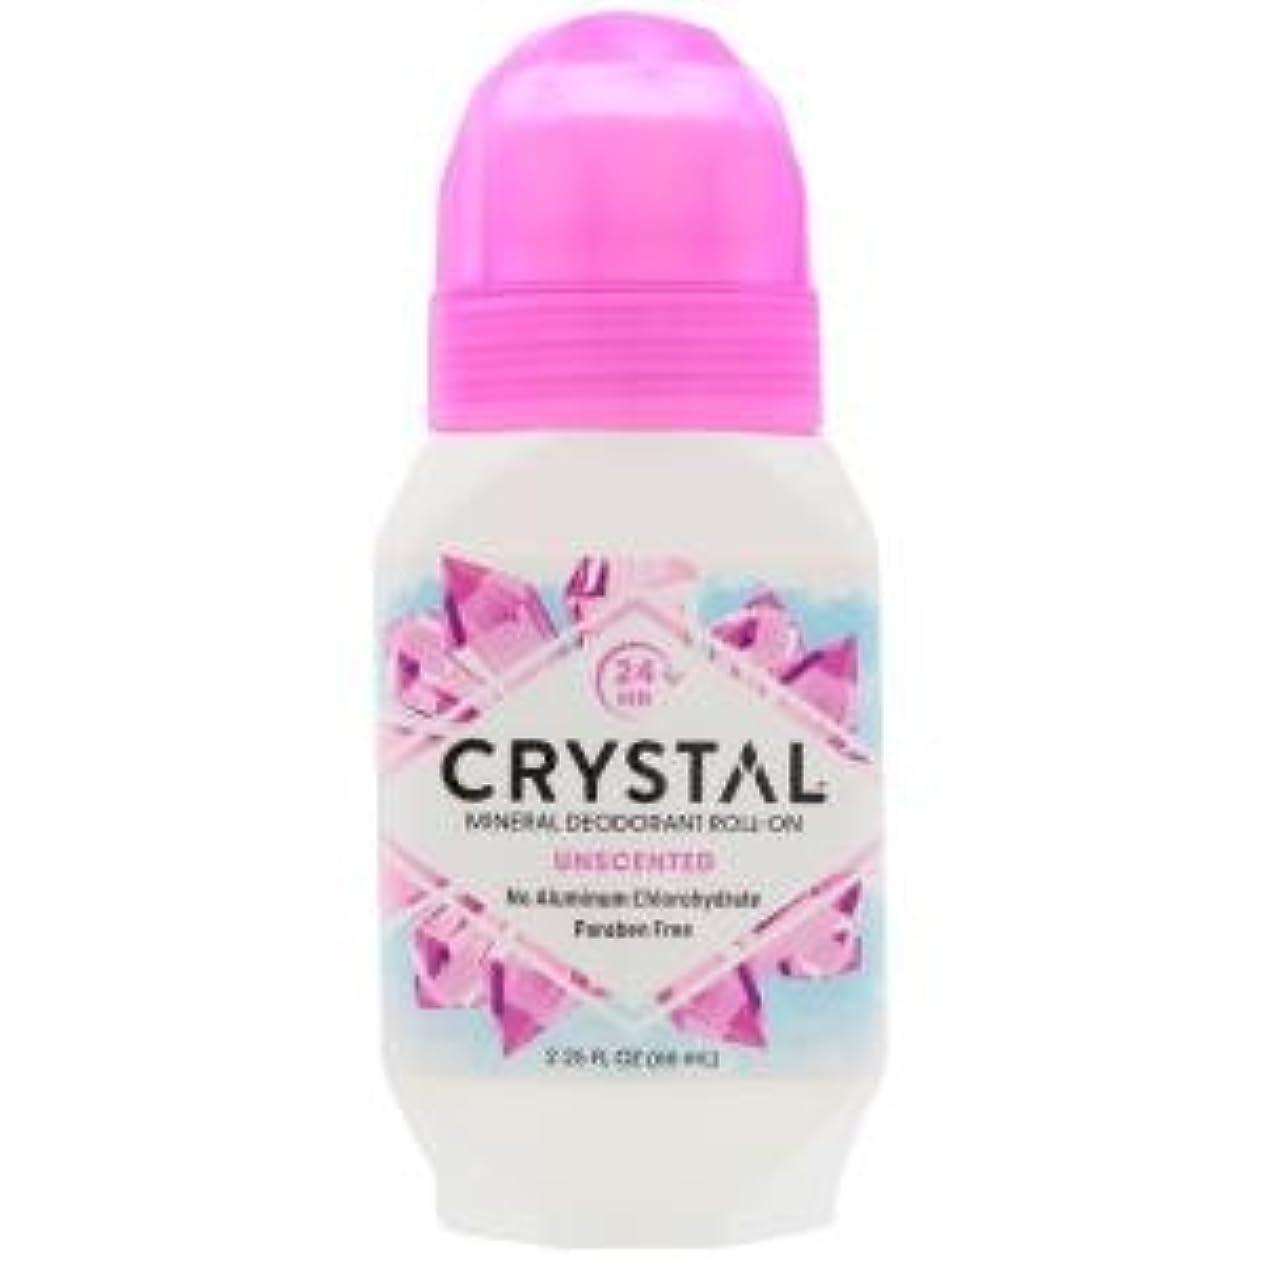 ナラーバー作物共感する[海外直送品] クリスタルボディデオドラント(Crystal Body Deodorant) ロールオン(無香料) 66ml